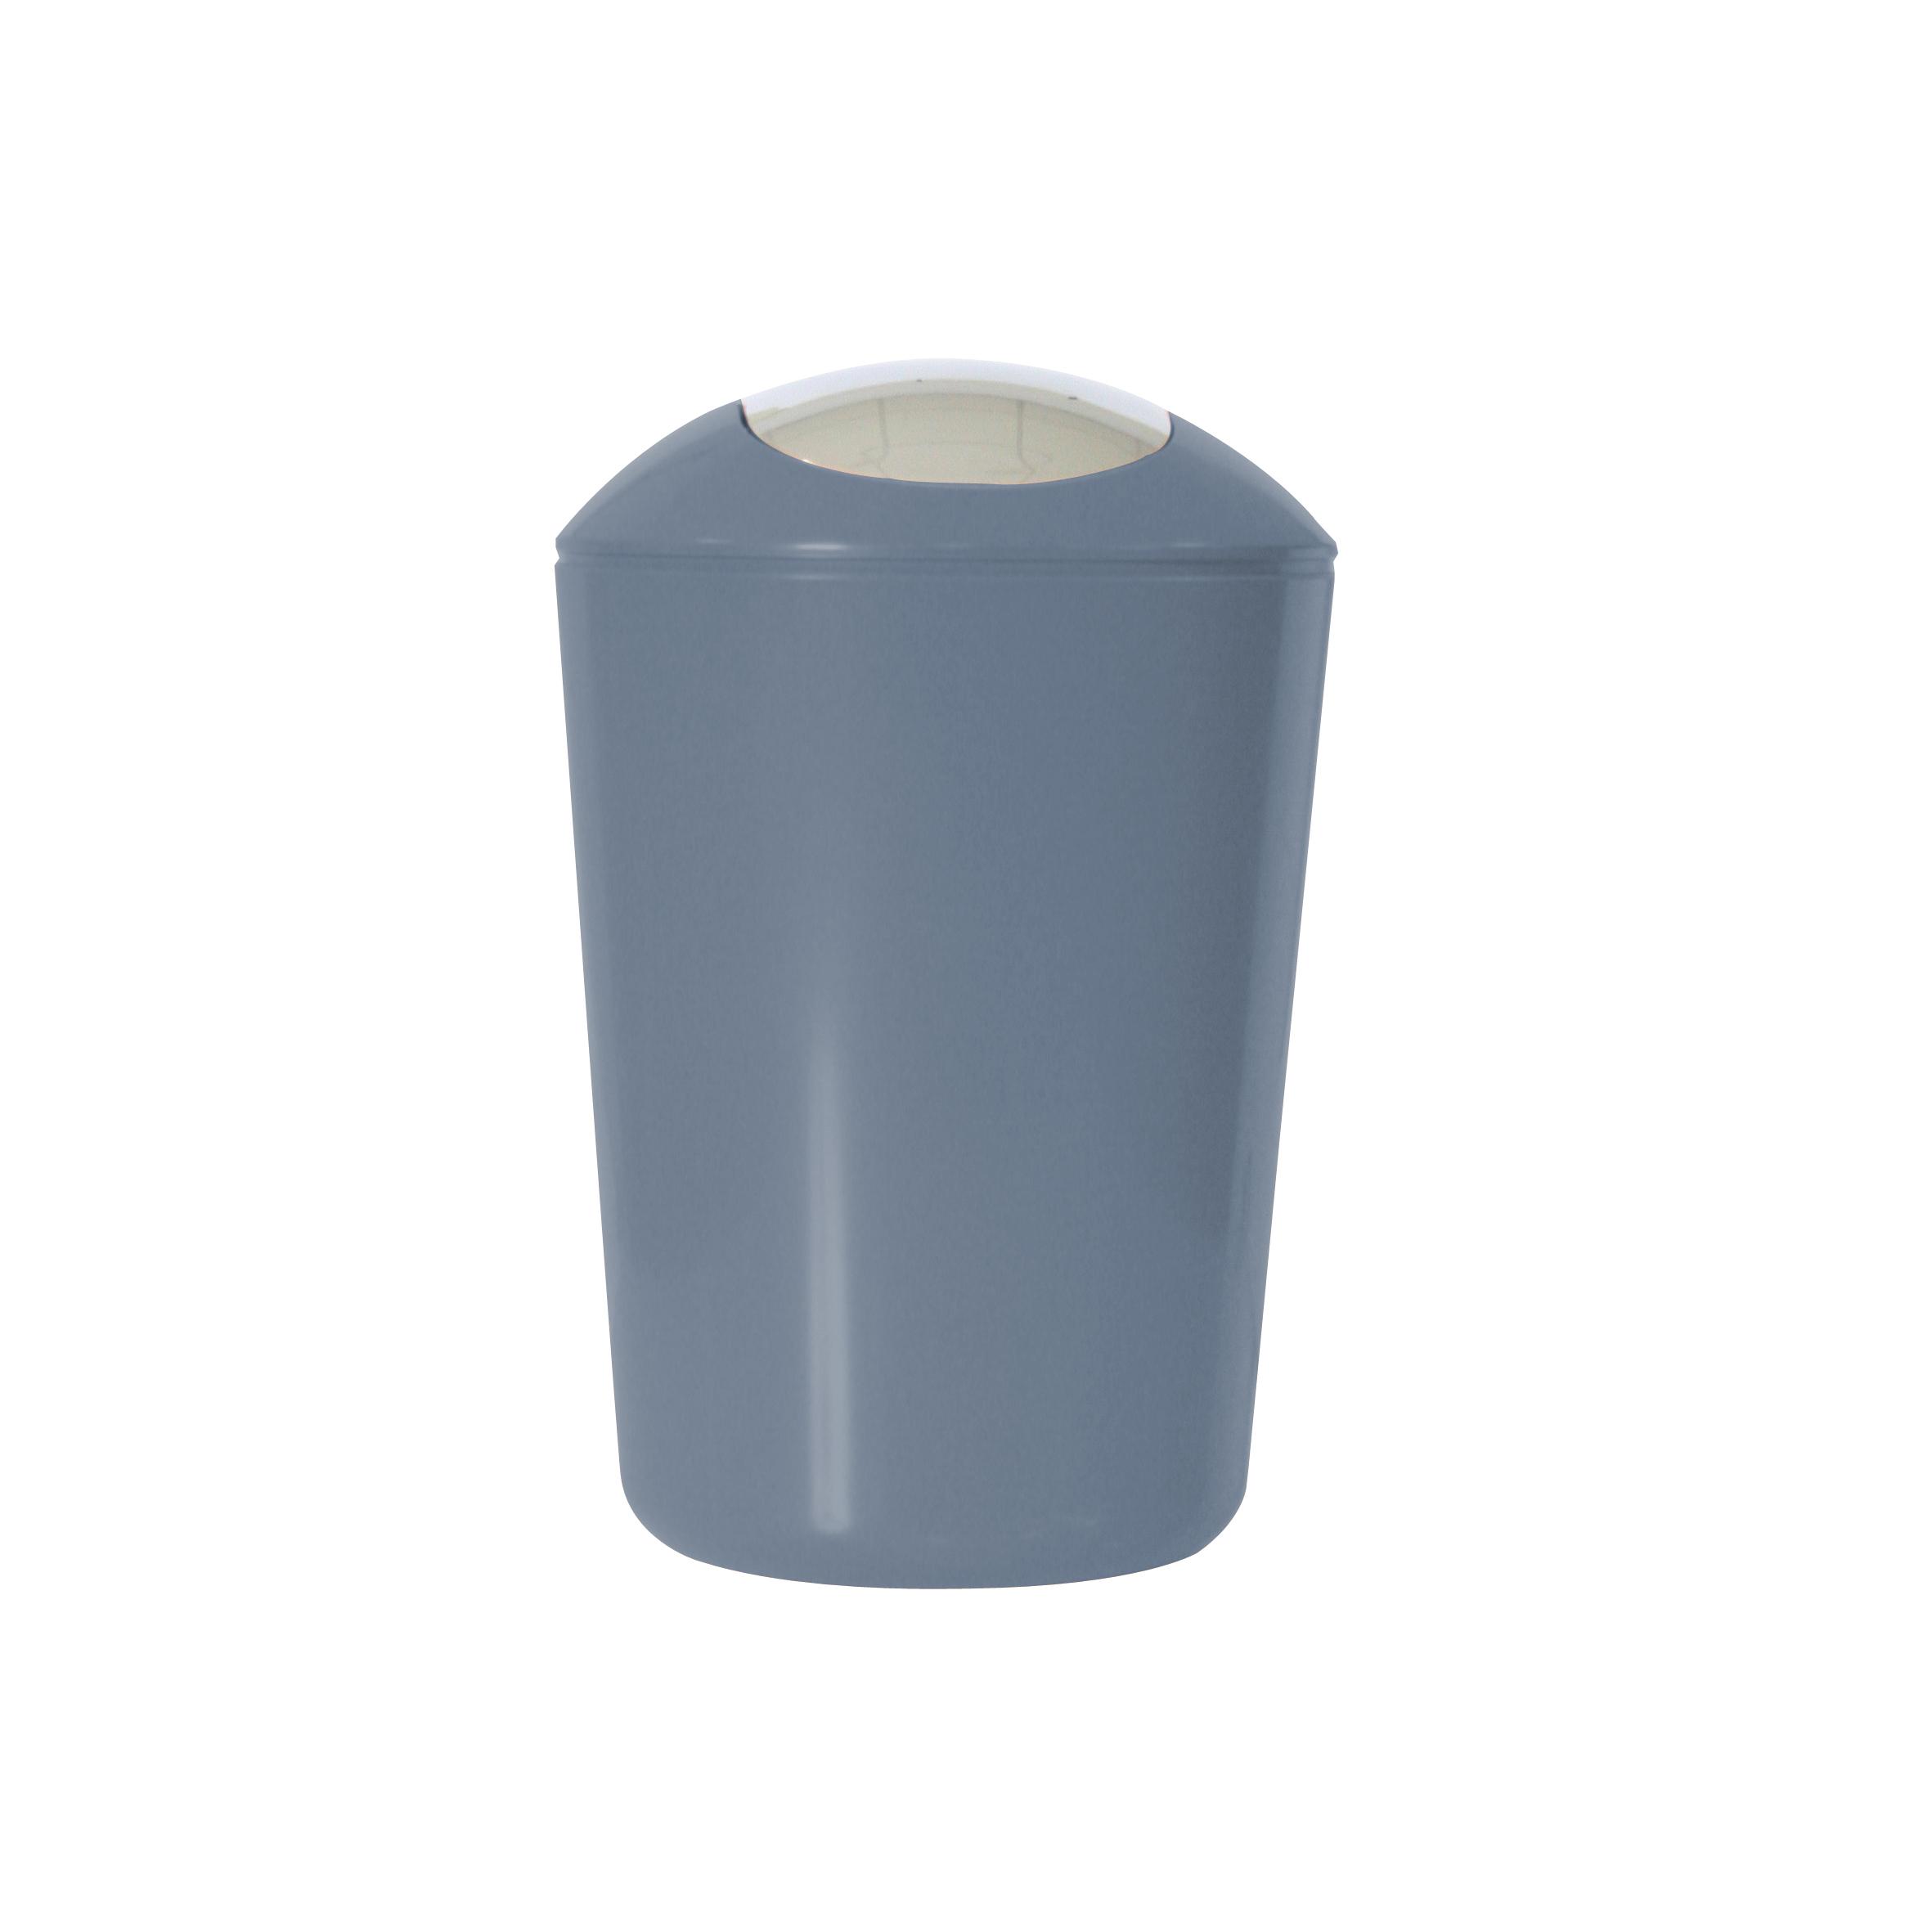 Ведро для мусора Axentia, с крышкой, цвет: серый, хром, 5 л251080Глянцевое ведро для мусора Axentia, выполненное из высококачественного износостойкого пластика, оснащено хромированную крышку типа «качели». Подходит для использования в ванной комнате или на кухне. Стильный дизайн и яркая расцветка прекрасно подойдет для любого интерьера ванной комнаты или кухни. Размер ведра: 20 х 20 х 30 см. Объем ведра: 5 л.